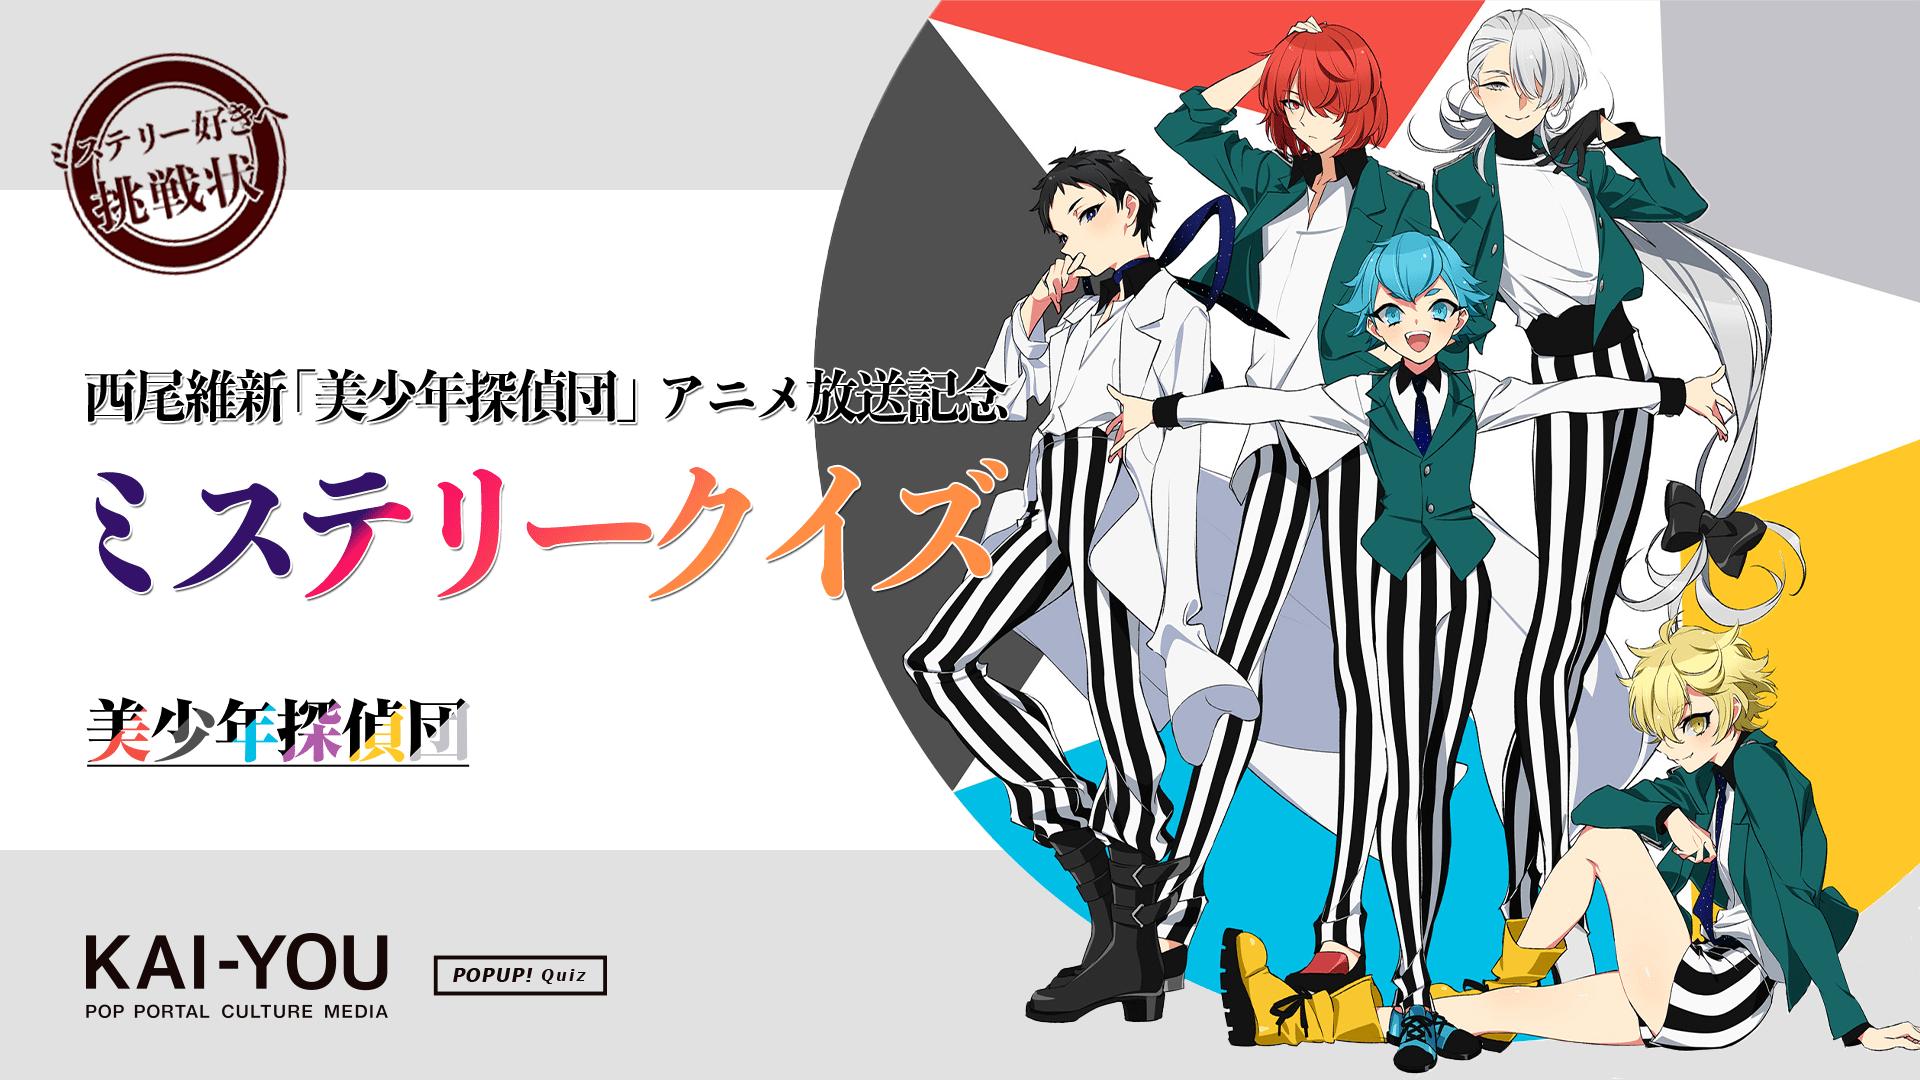 西尾維新『美少年探偵団』アニメ化記念 ミステリー好きにしか解けないクイズ!